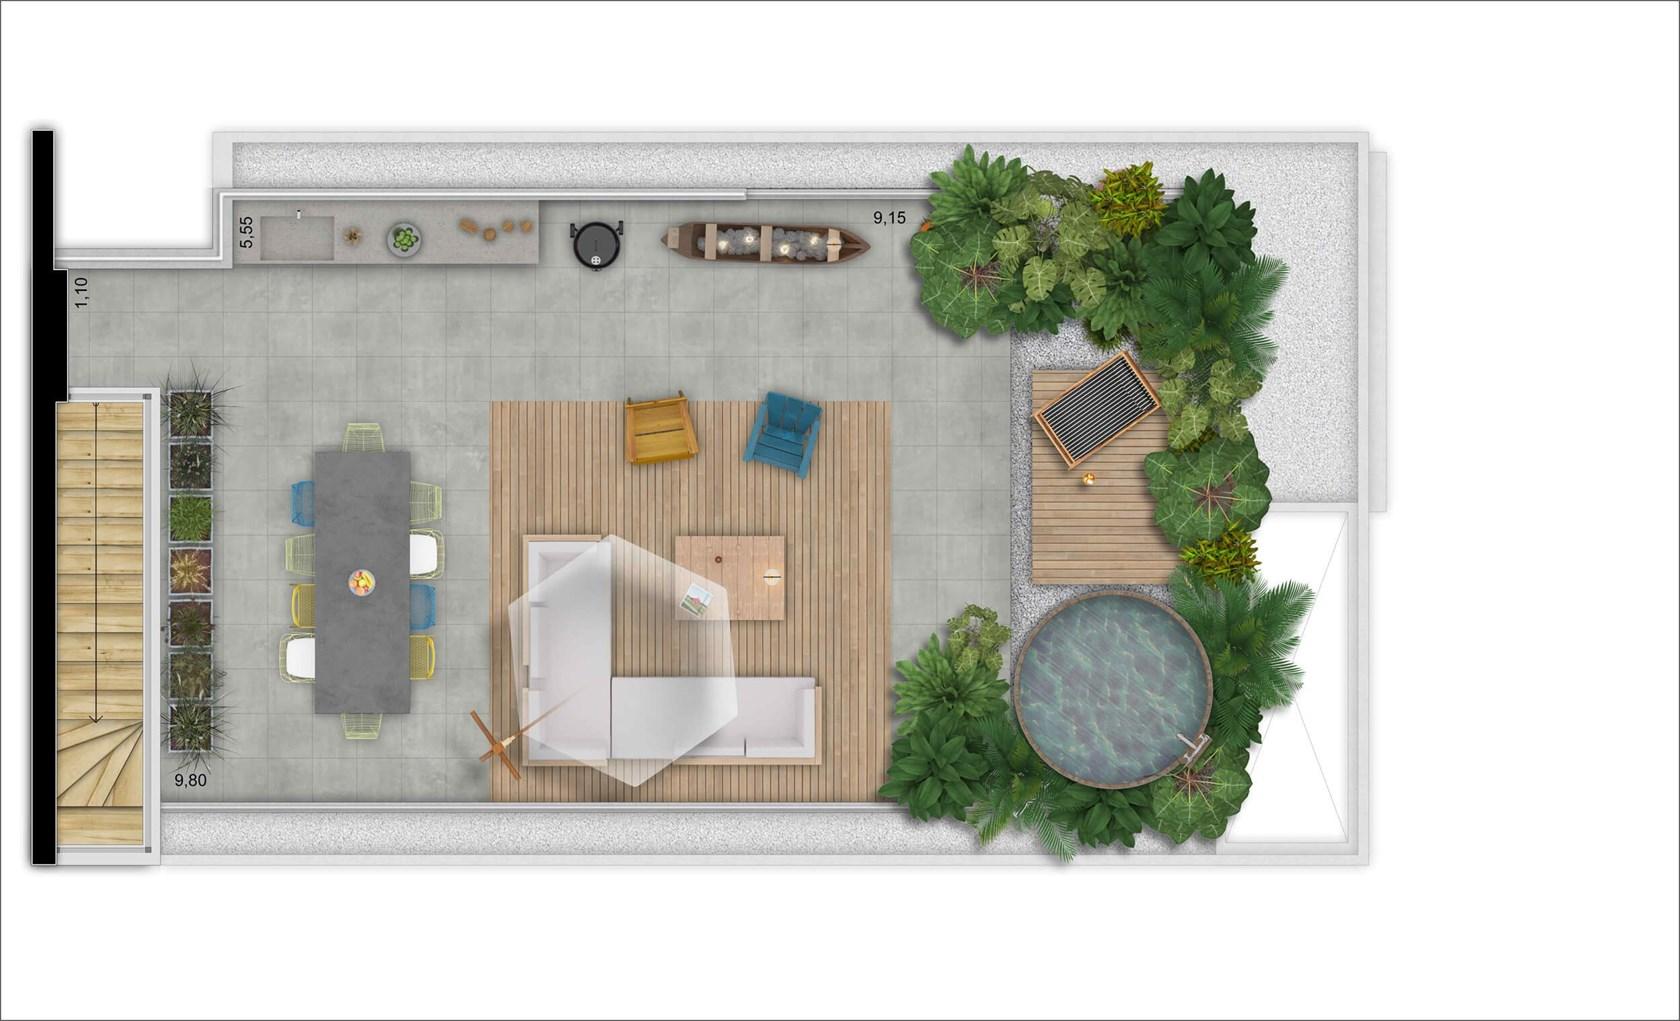 Cobertura Superior 169 m 2 dorms | 2 vagas | Depósito  privativo